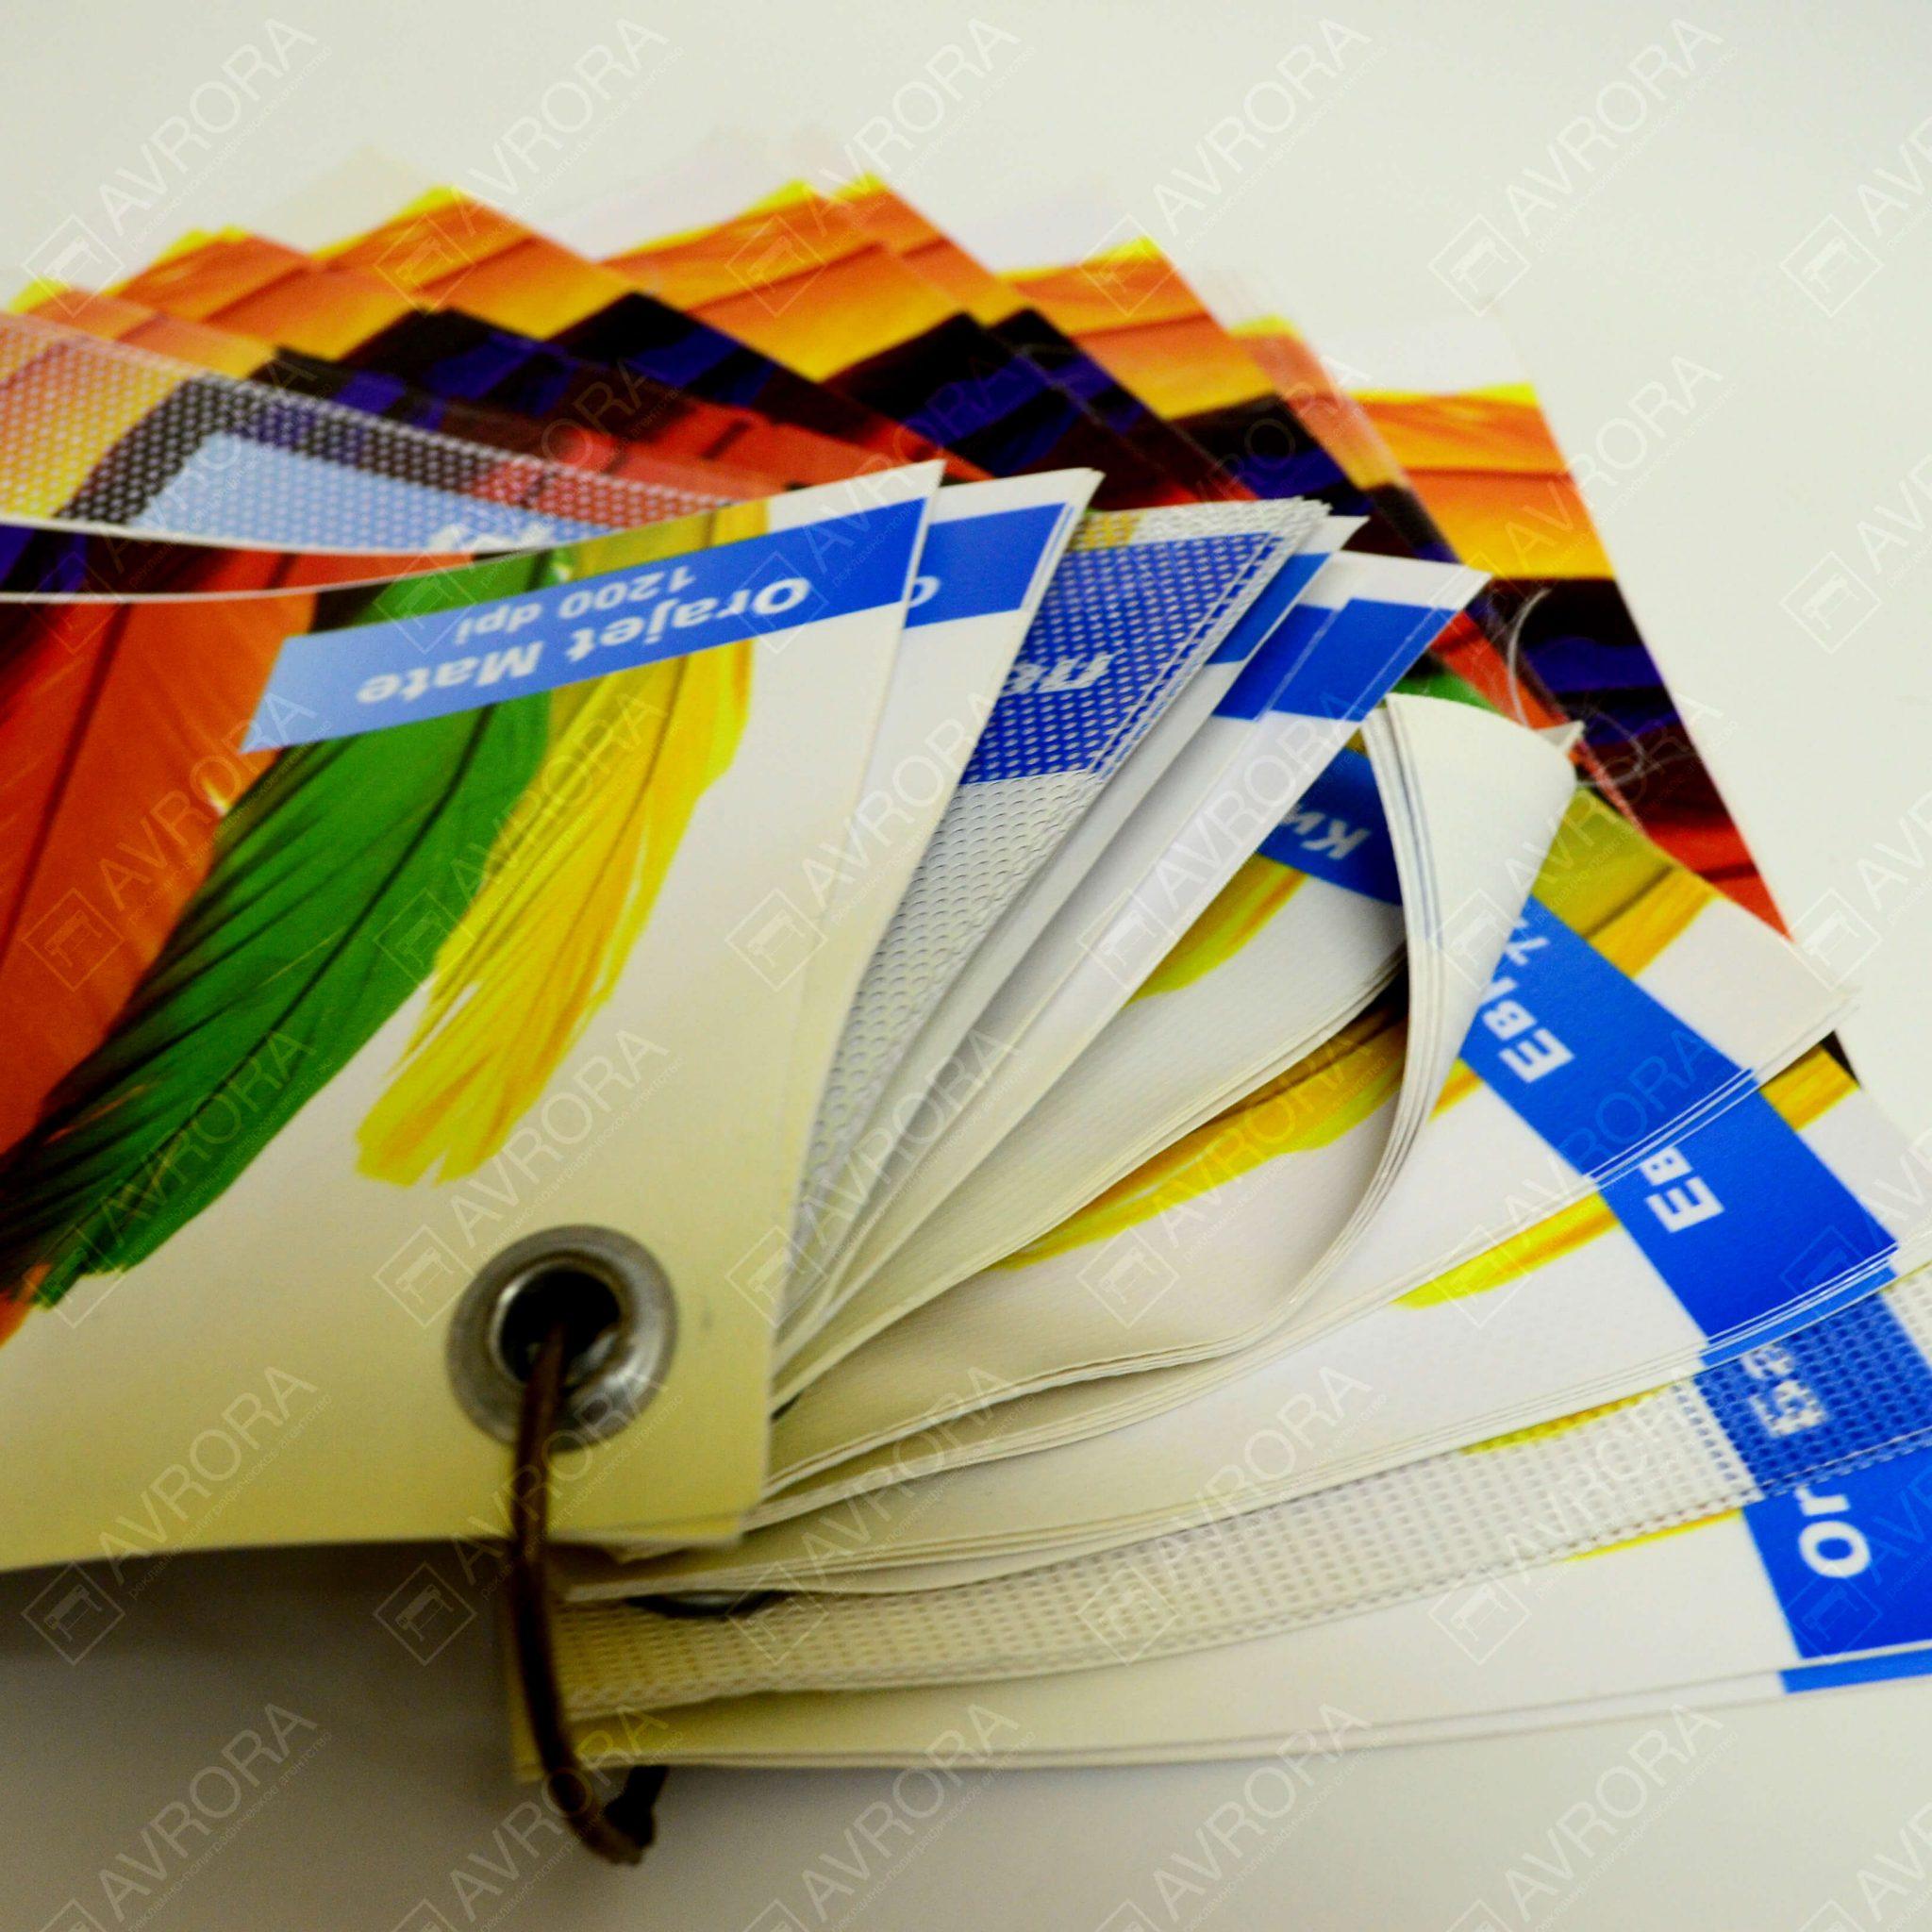 материалы для печати баннеров